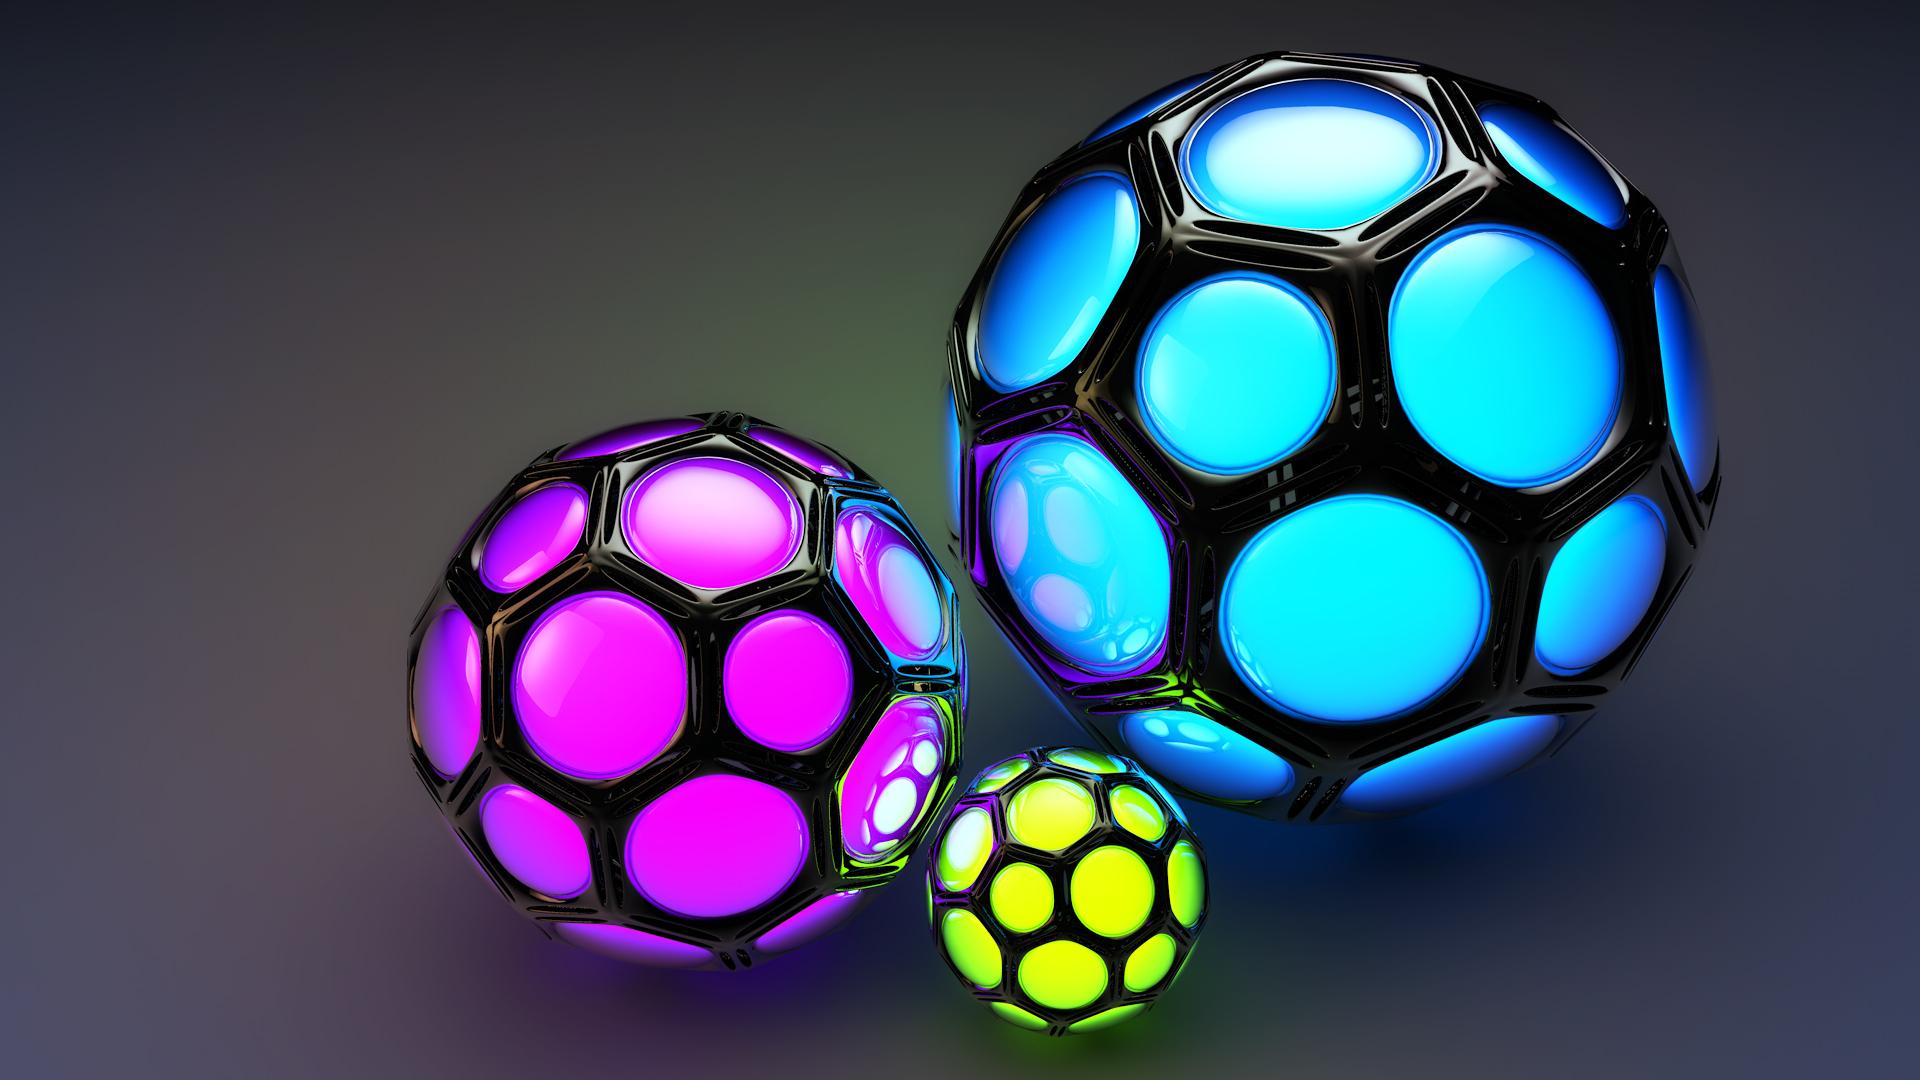 шарики шары balls скачать